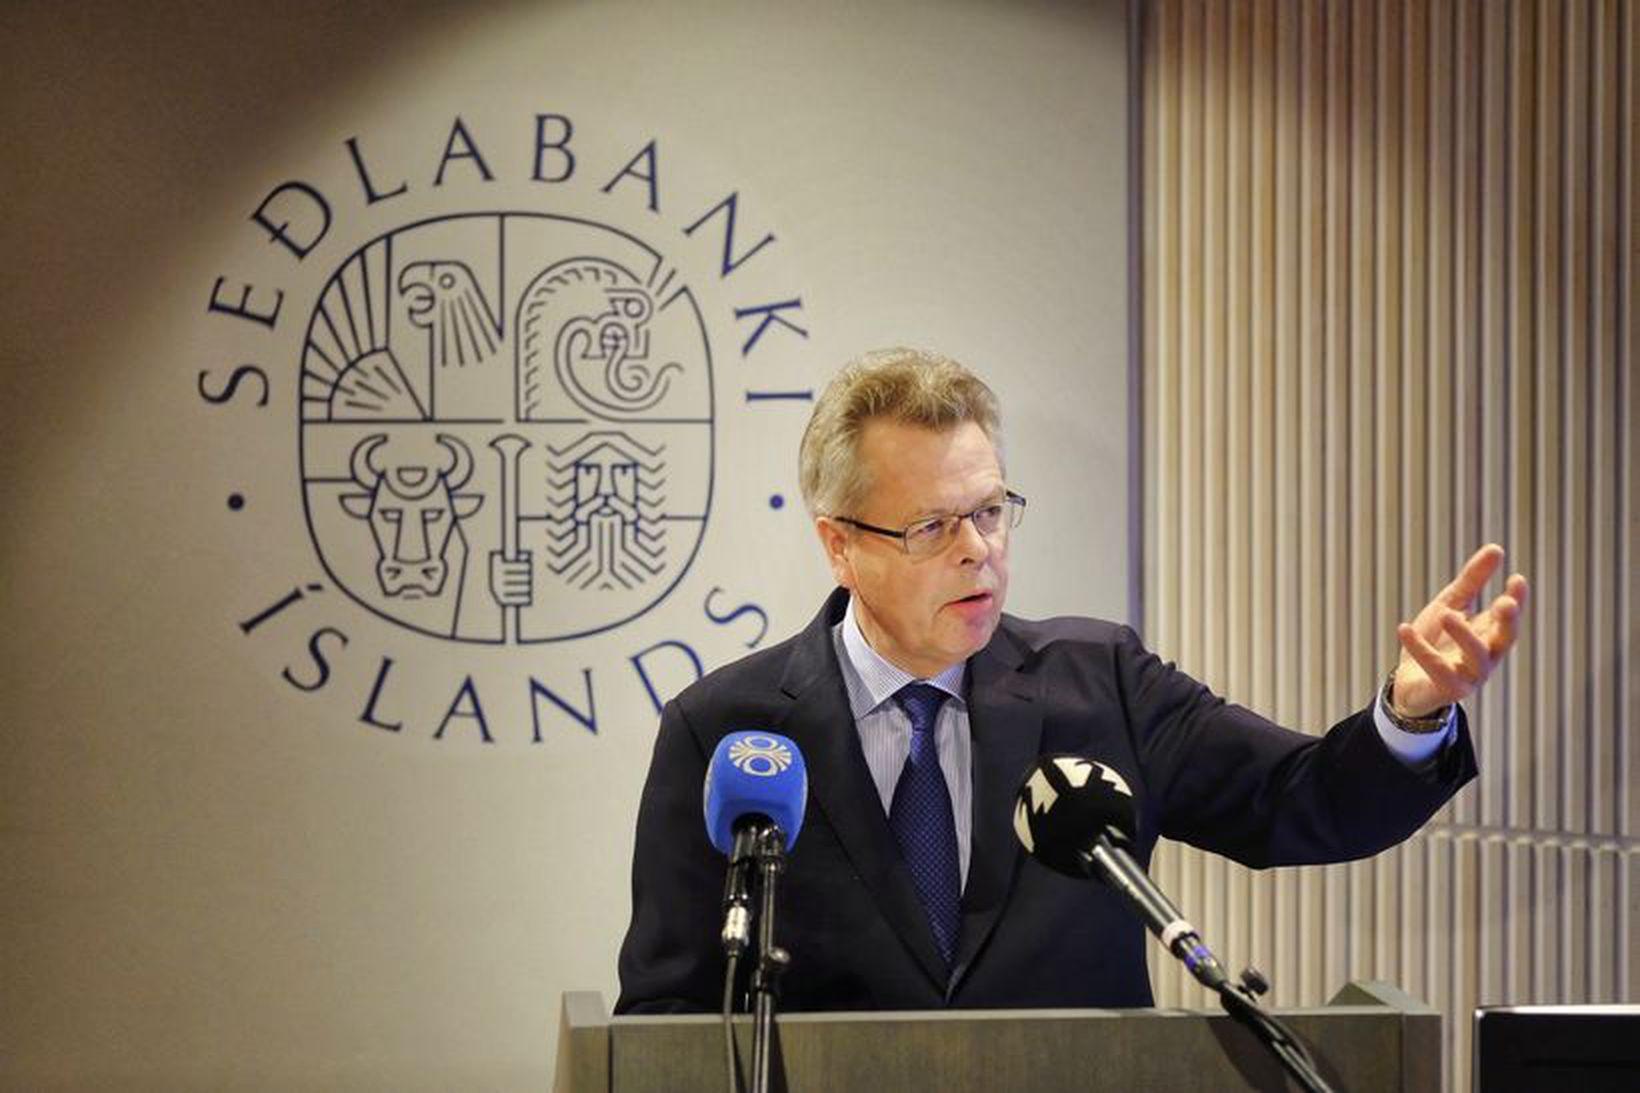 Már Guðmundsson seðlabankastjóri kynnir skýrsluna í dag.